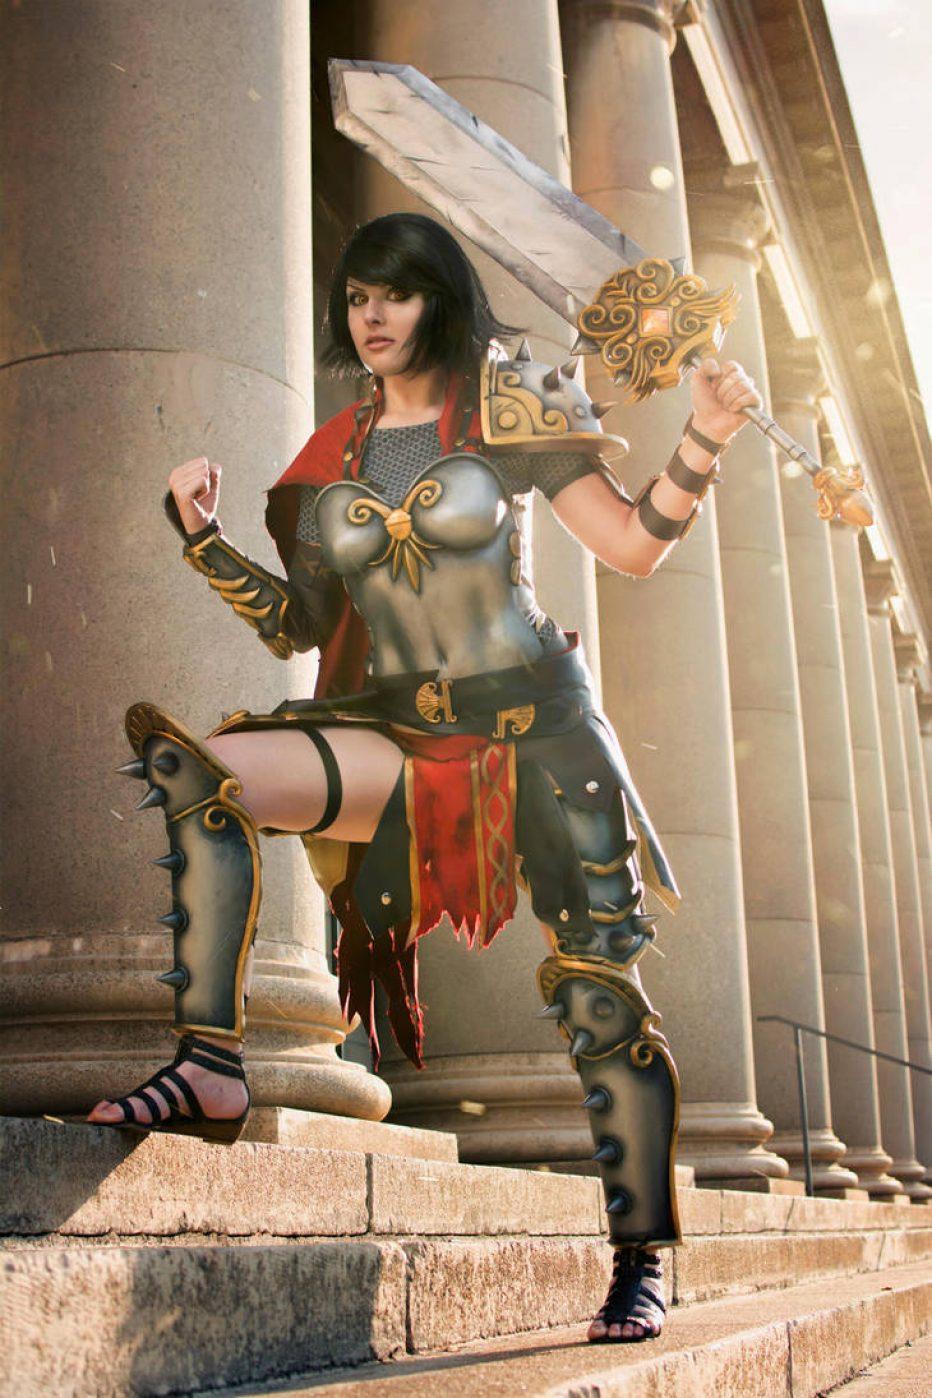 Smite-Bellona-Cosplay-Gamers-Heroes-4.jpg